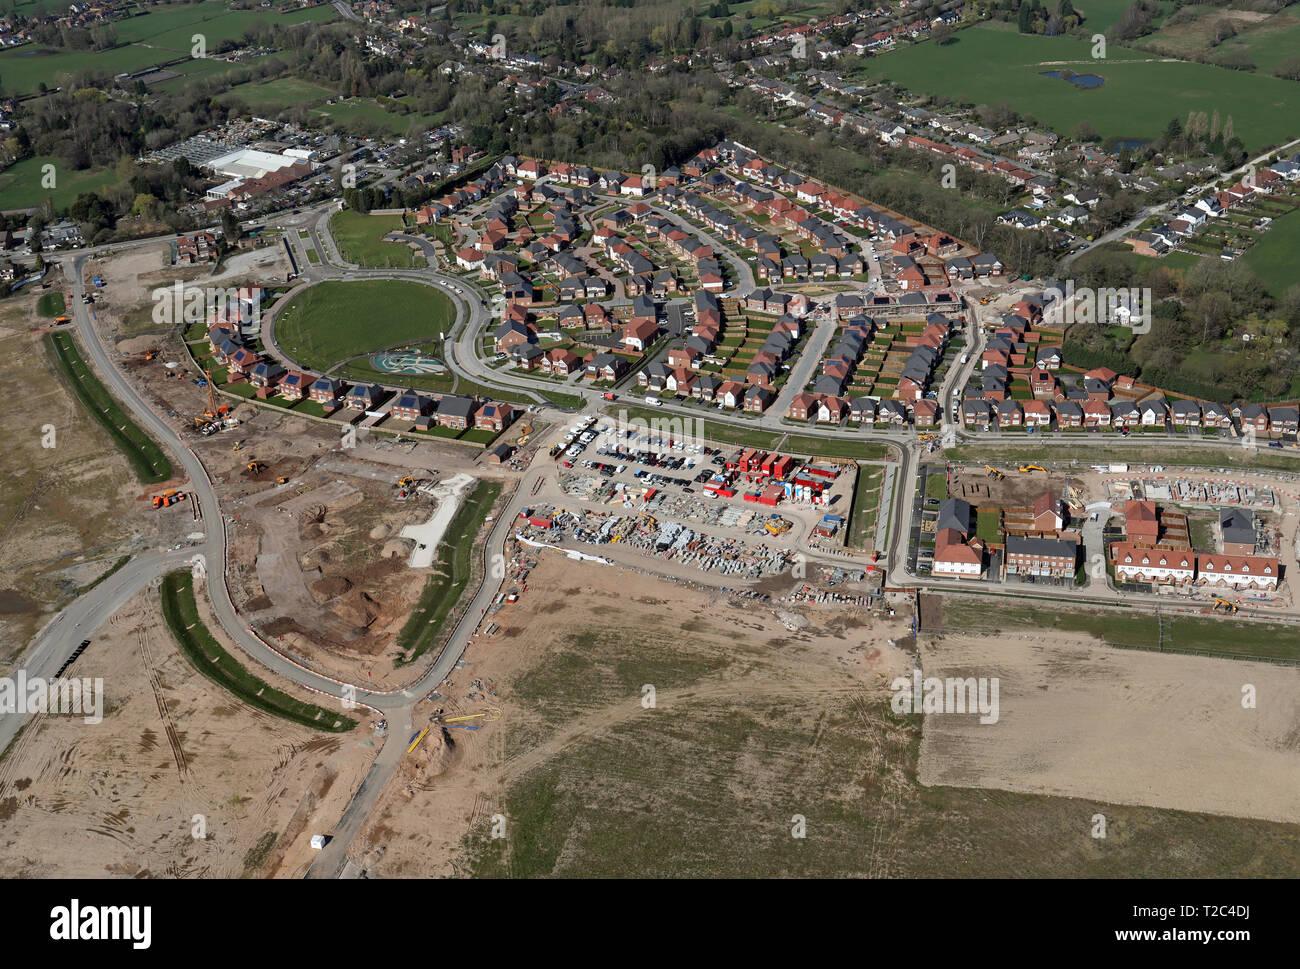 Vue aérienne de nouvelles maisons en construction sur l'ancien site de l'aérodrome à Woodford Adlington, Cheshire Photo Stock